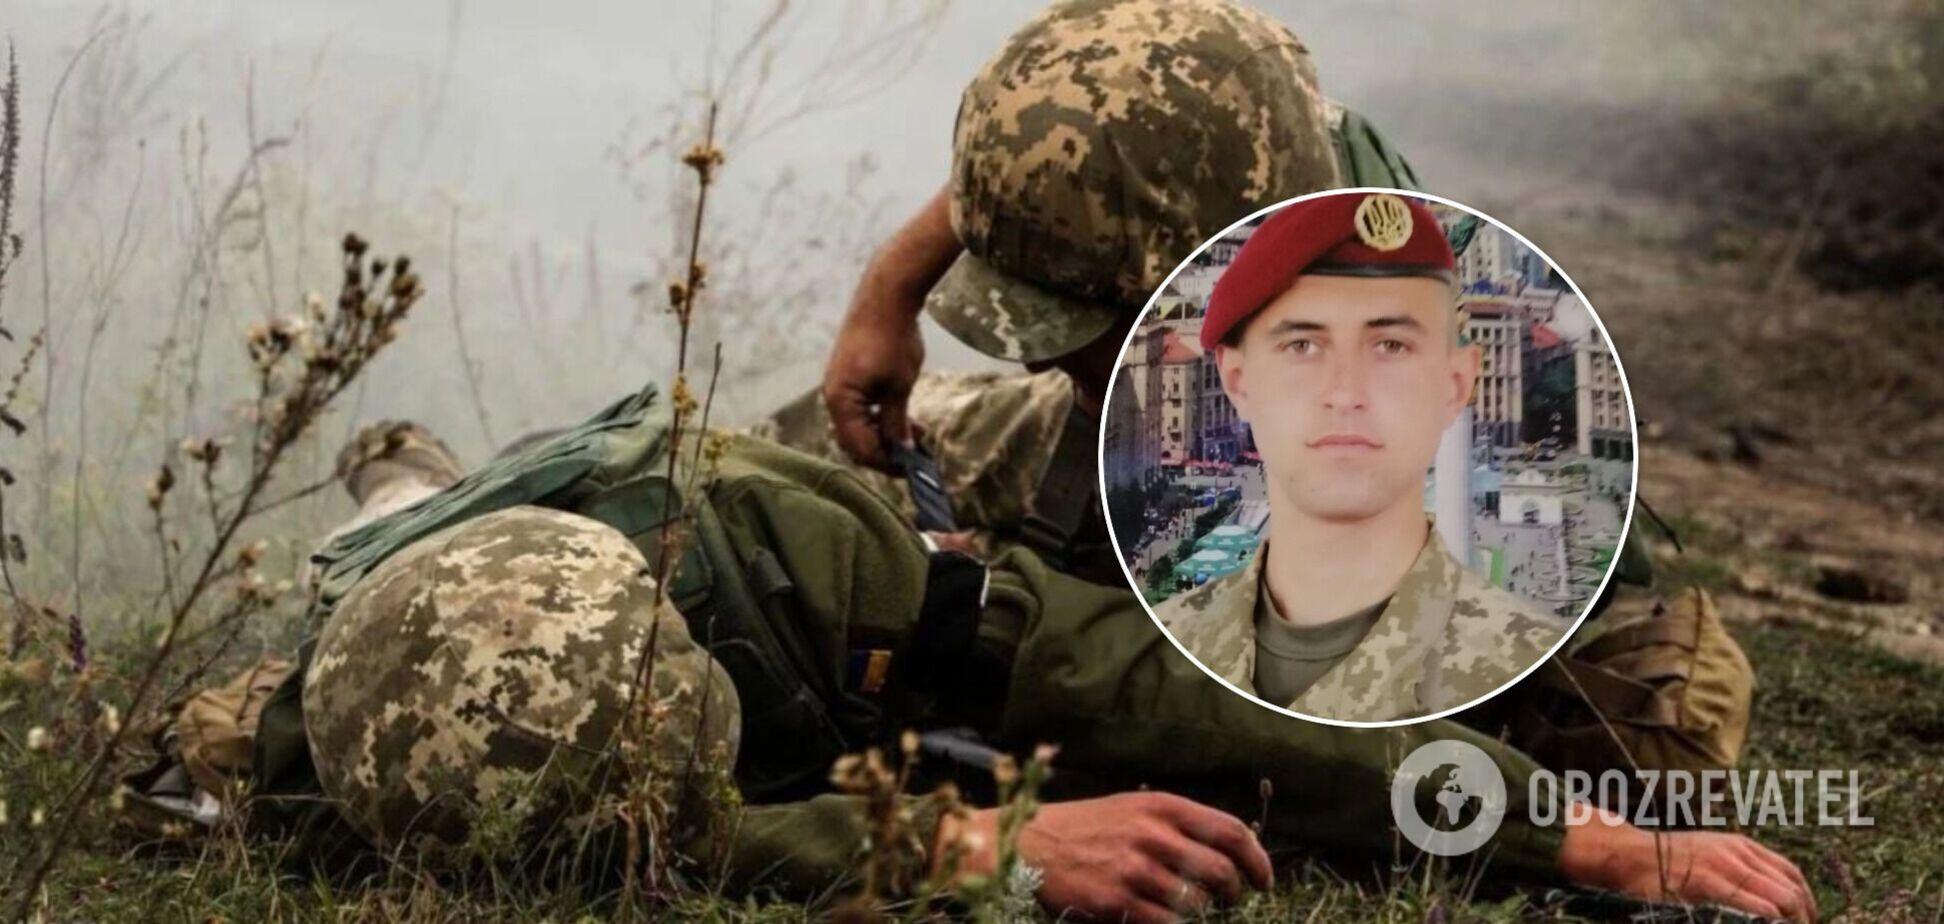 Оприлюднено ім'я четвертого захисника України, який загинув 26 березня на Донбасі. Фото